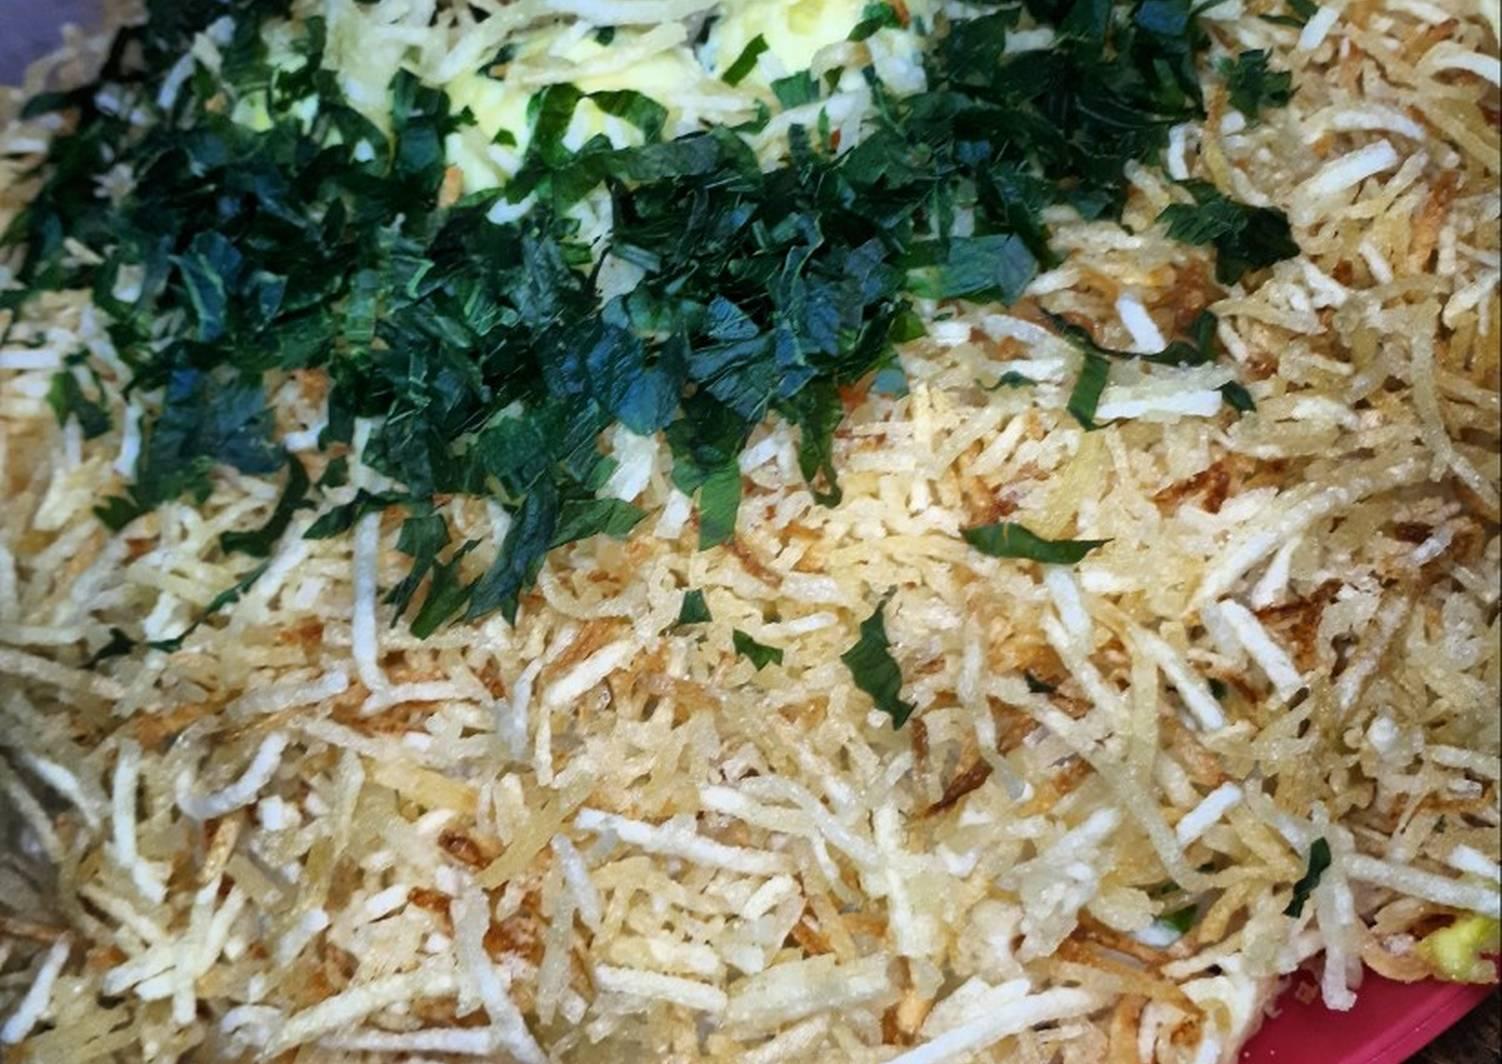 как салат осиное гнездо рецепт с фото всю область короткий